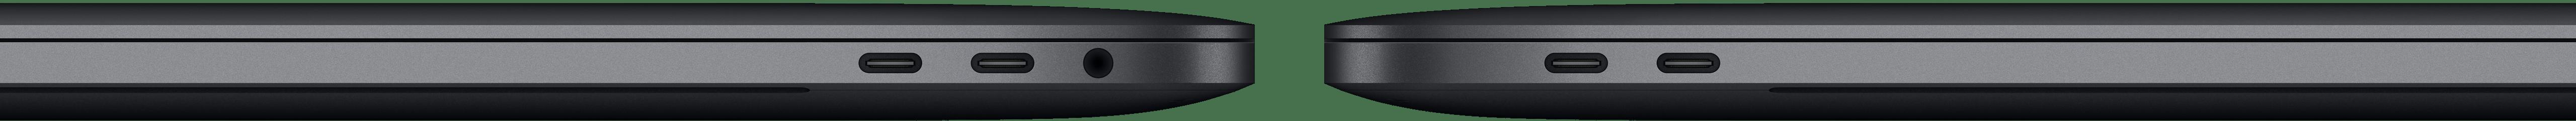 Portas dos MacBooks Pro com Touch Bar